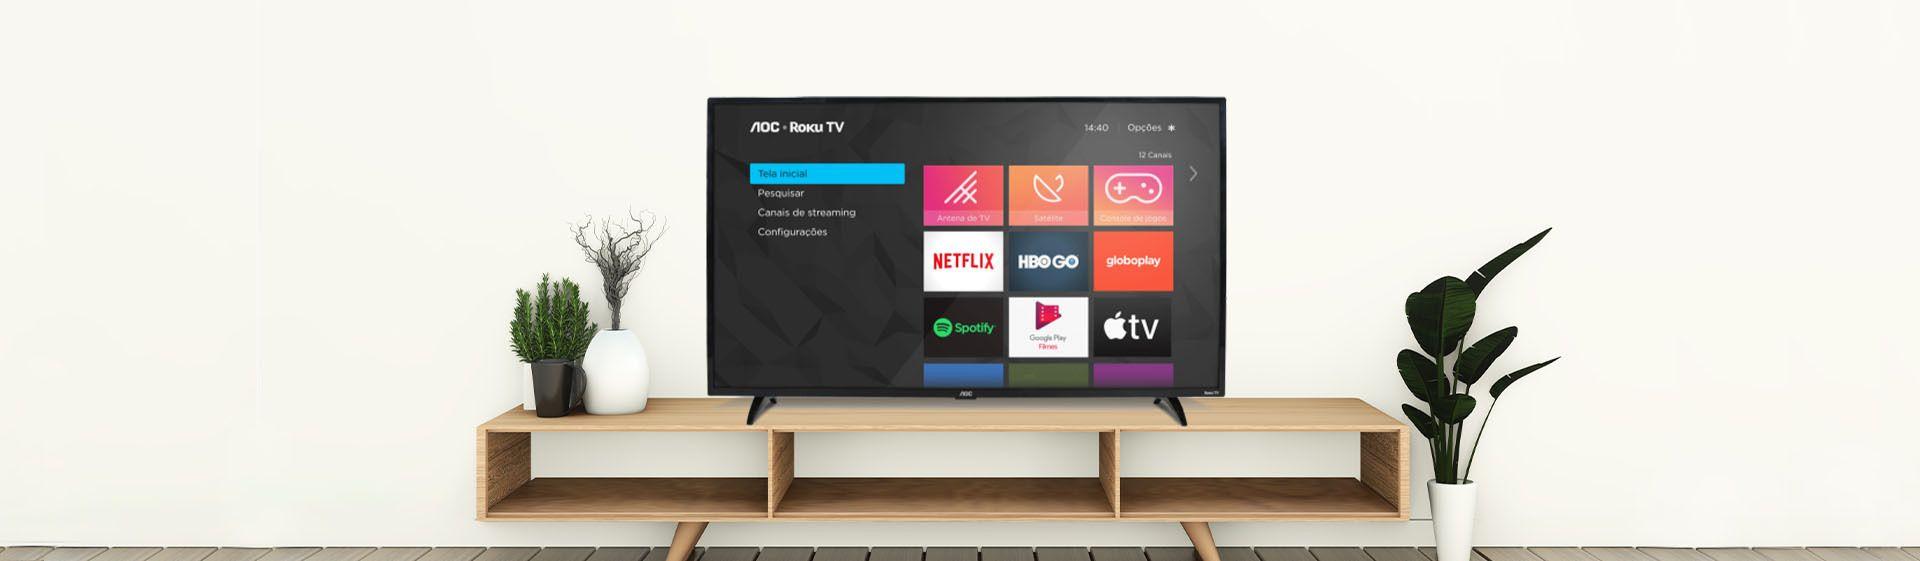 TV AOC S5195 vale a pena? Confira análise desse aparelho com Roku TV